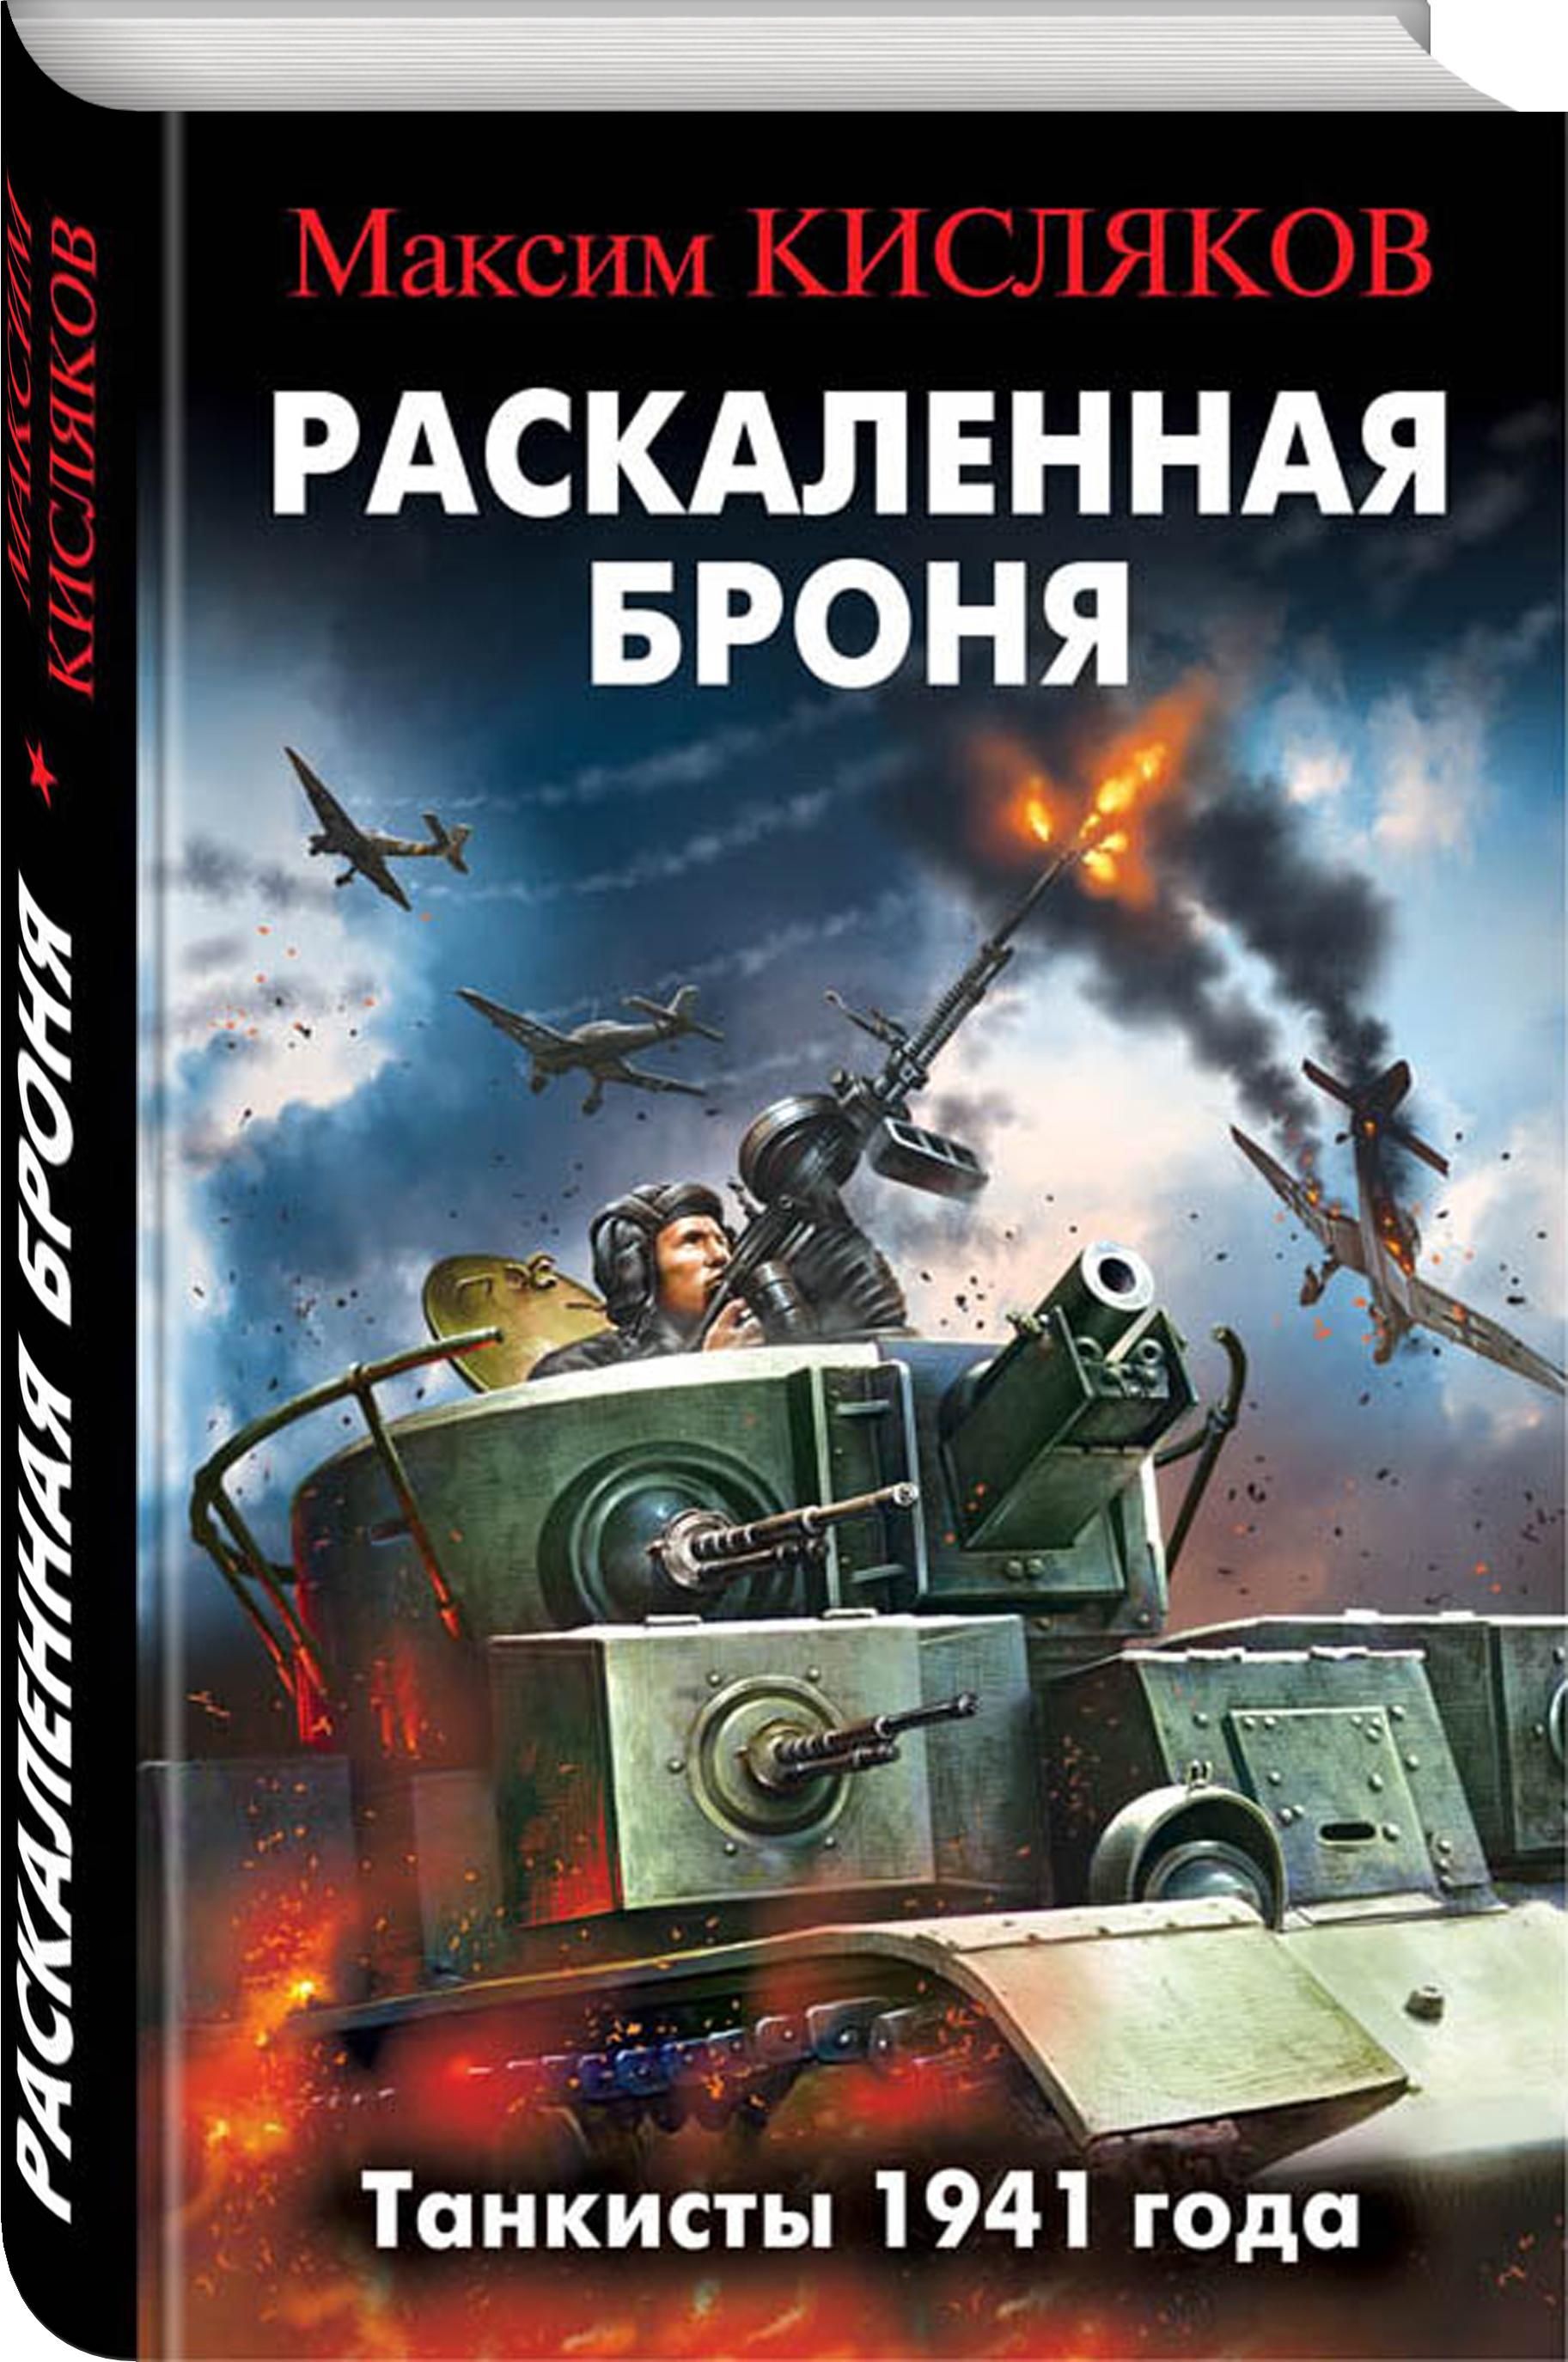 Кисляков М.В. Раскаленная броня. Танкисты 1941 года савицкий г яростный поход танковый ад 1941 года